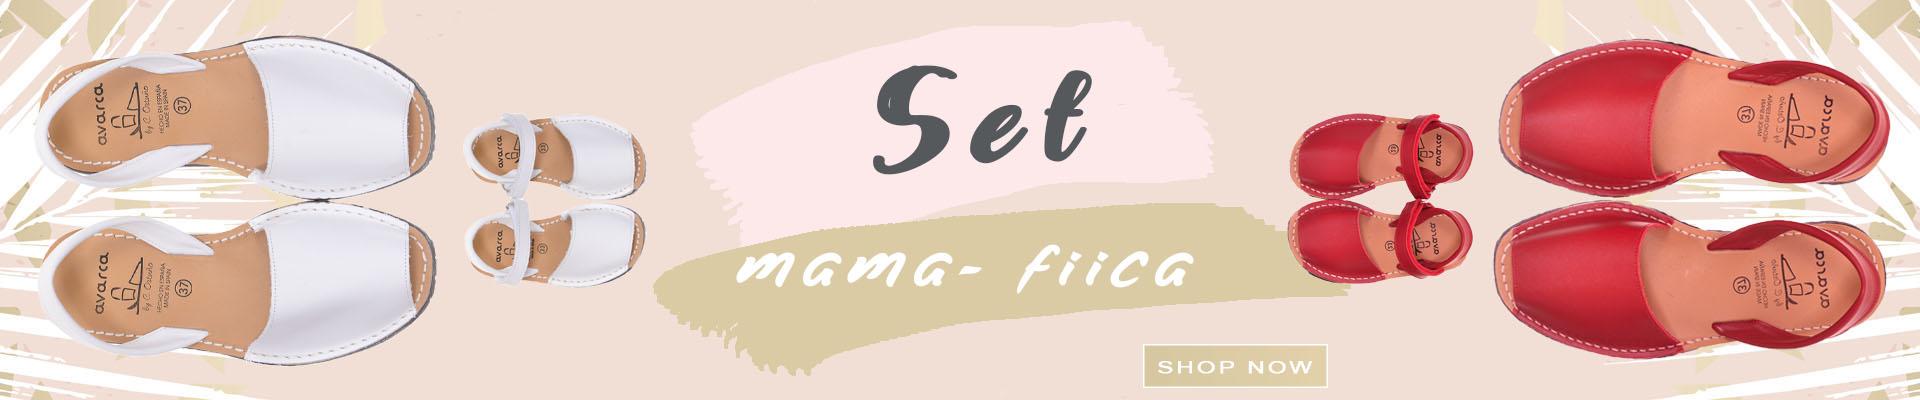 Set Mama - Fiica